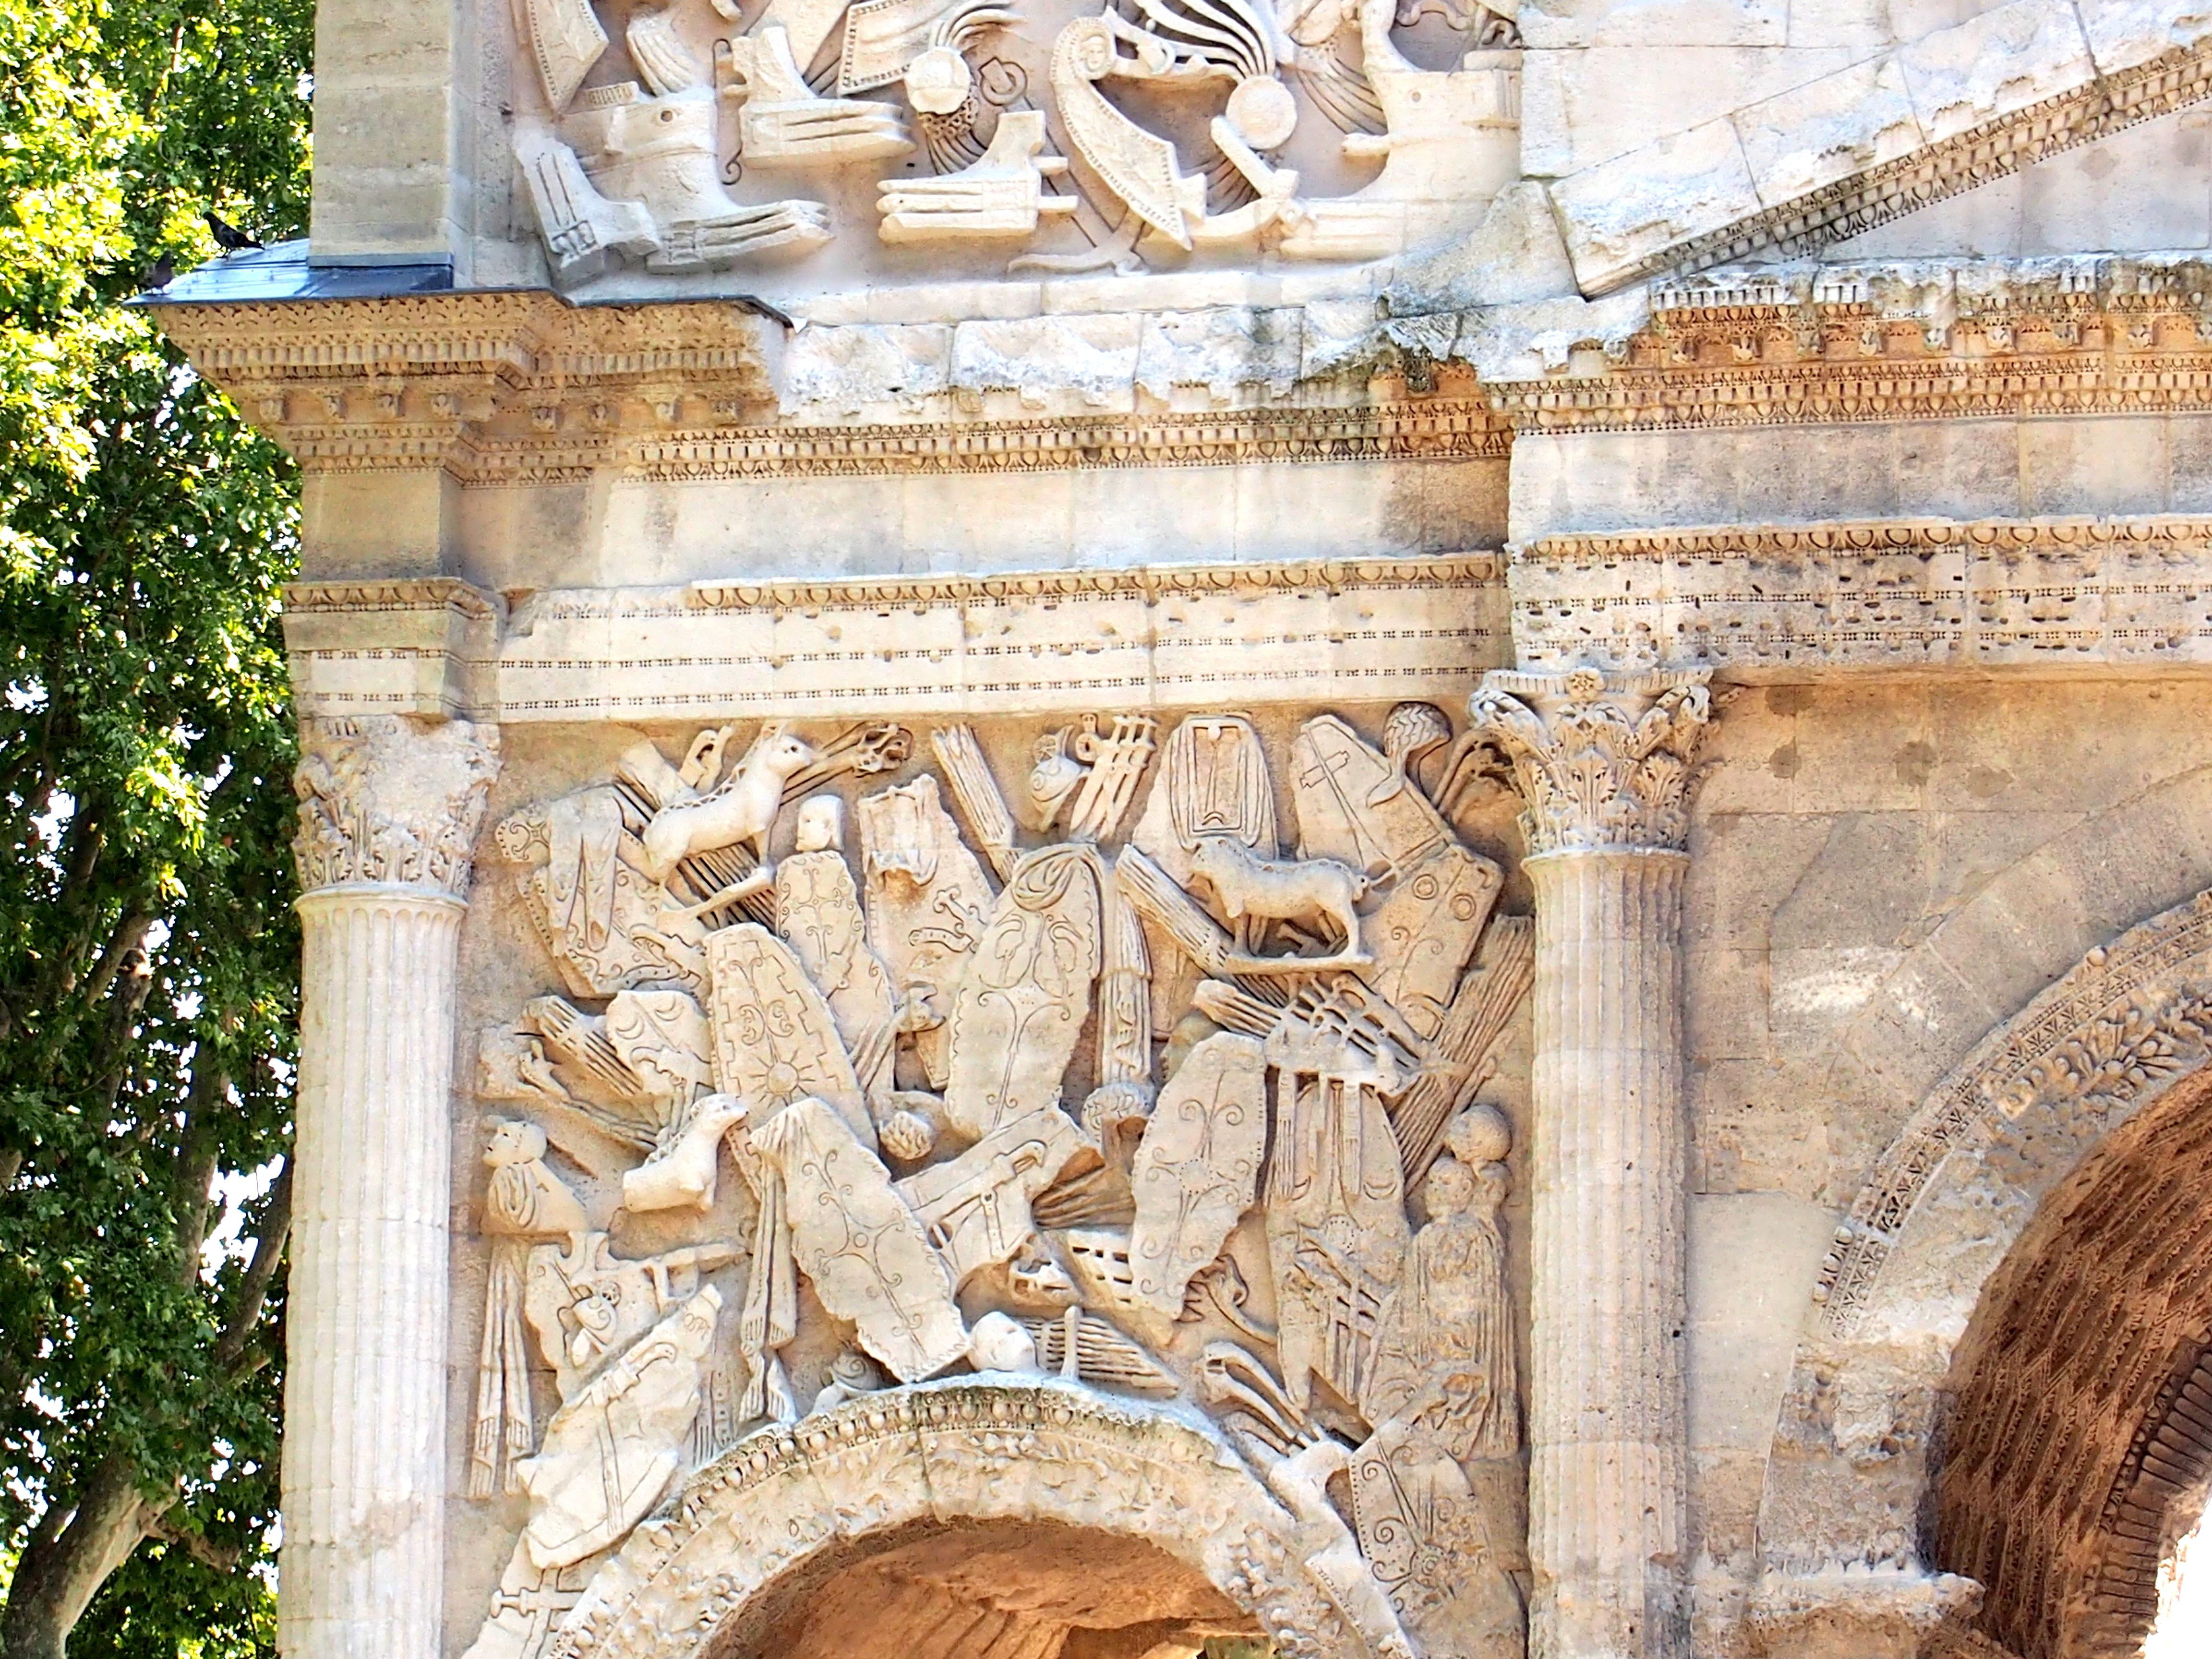 Les Portes, les GE, les louves et les autres monnaies - Page 4 Arch_in_Orange,_France_Aug_2013_-_Detail